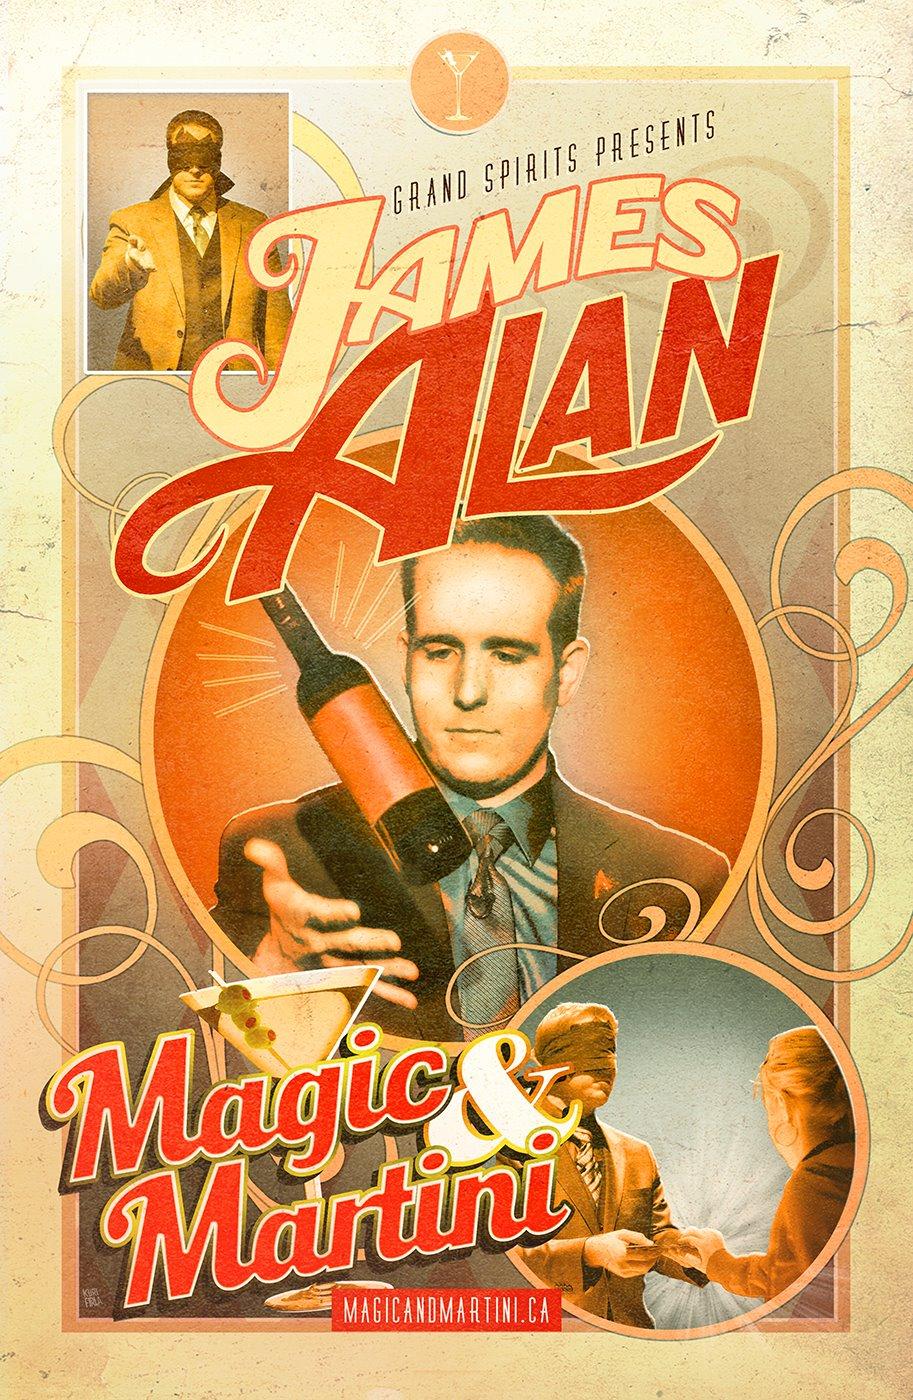 Poster design by Kurt Firla